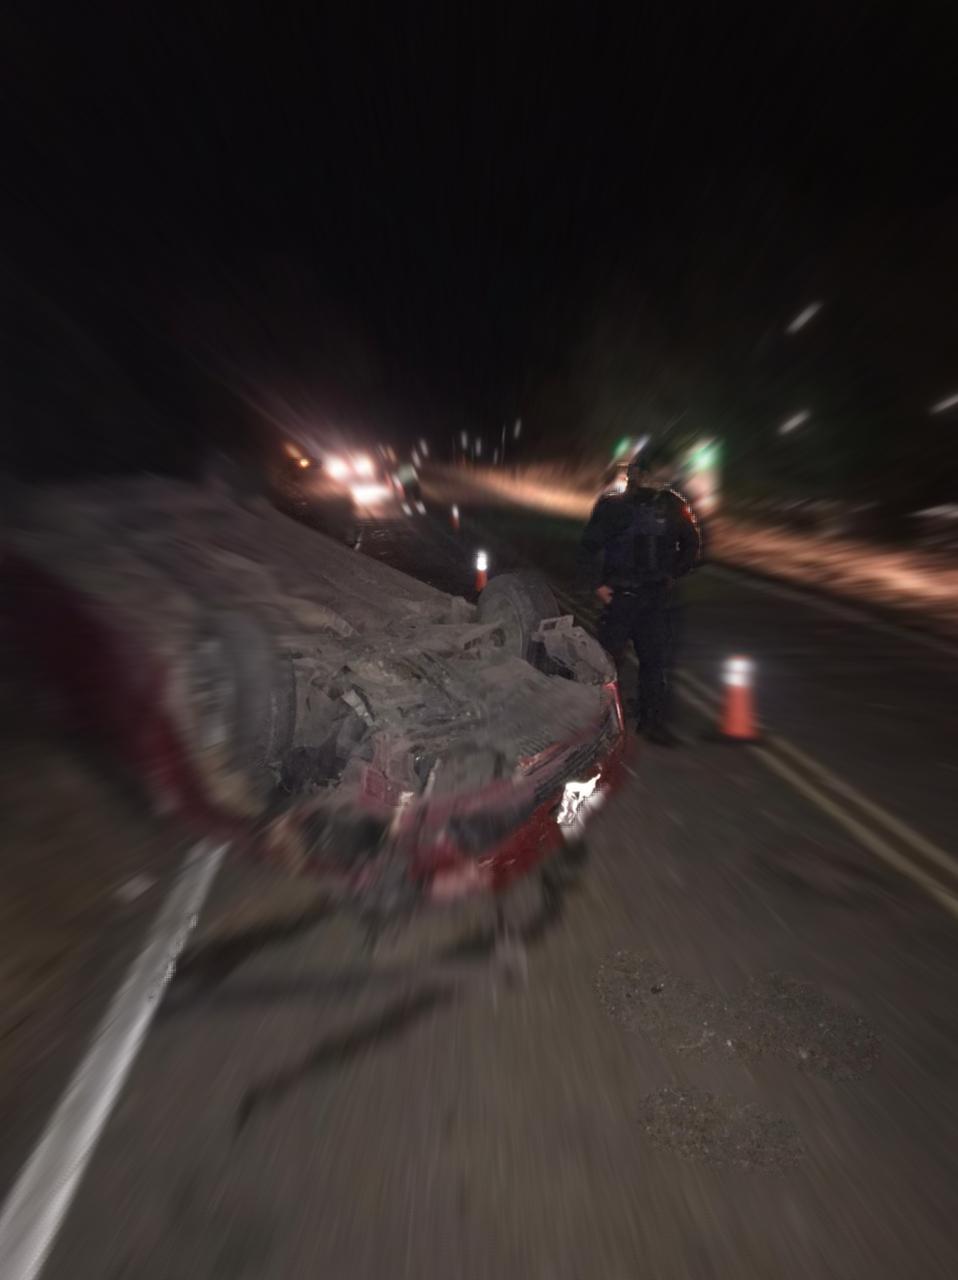 Malagueño: Un vehículo dado vuelta obstruía la ruta, no encontraron a los ocupantes